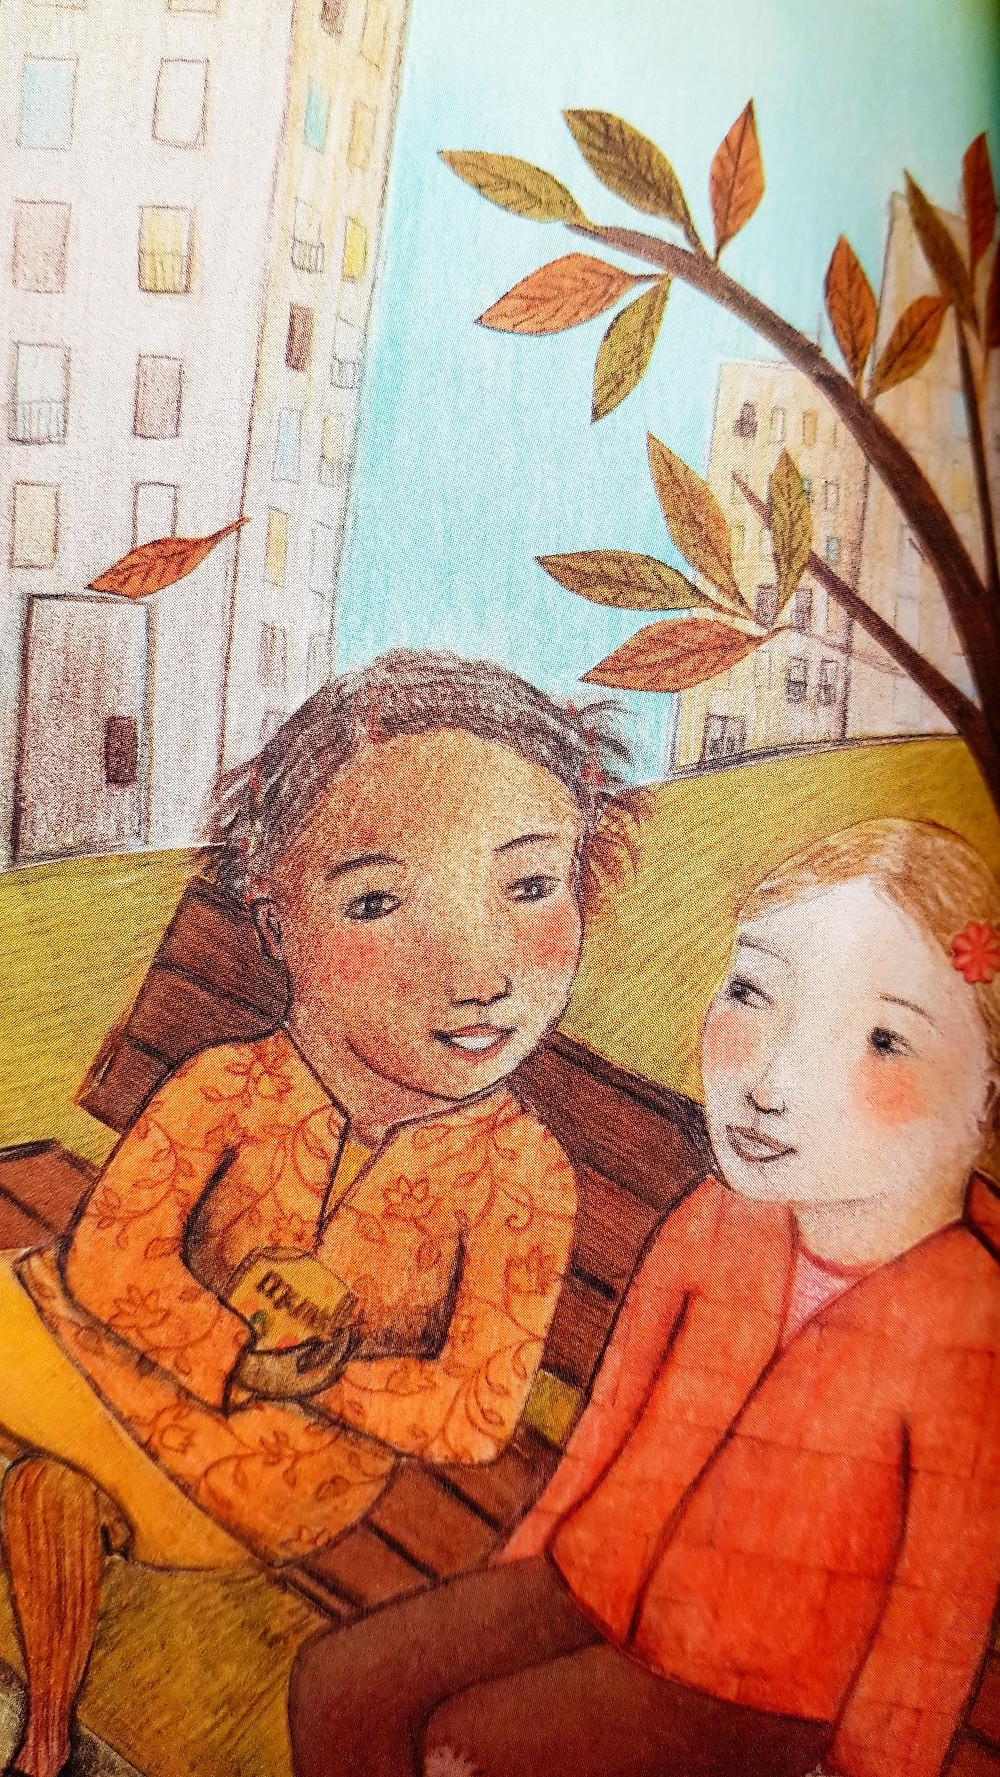 Zoé et Solène : une amitié sur fond de M&Ms